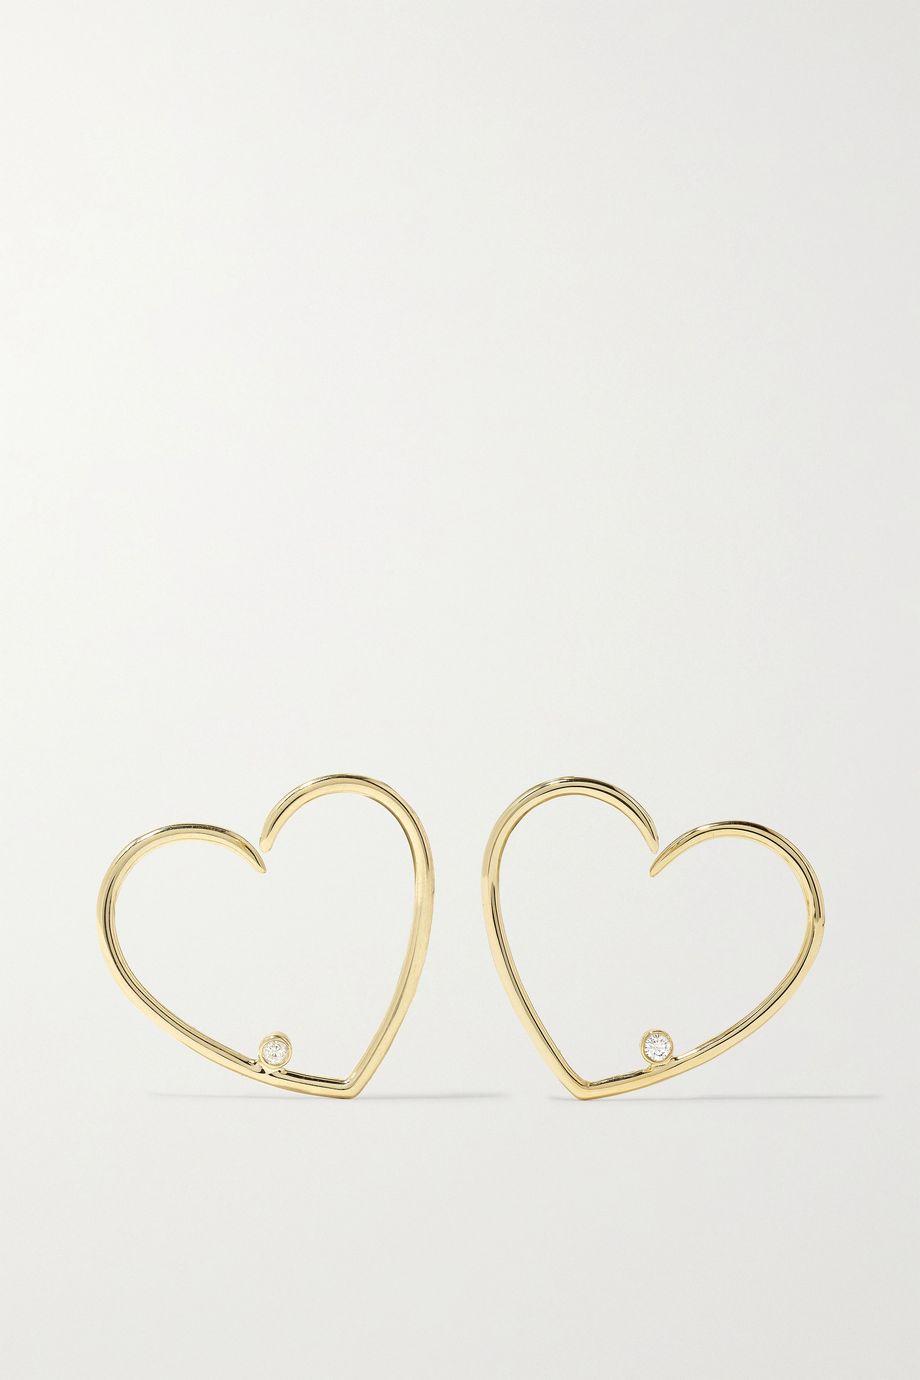 Yvonne Léon 9-karat gold diamond earrings